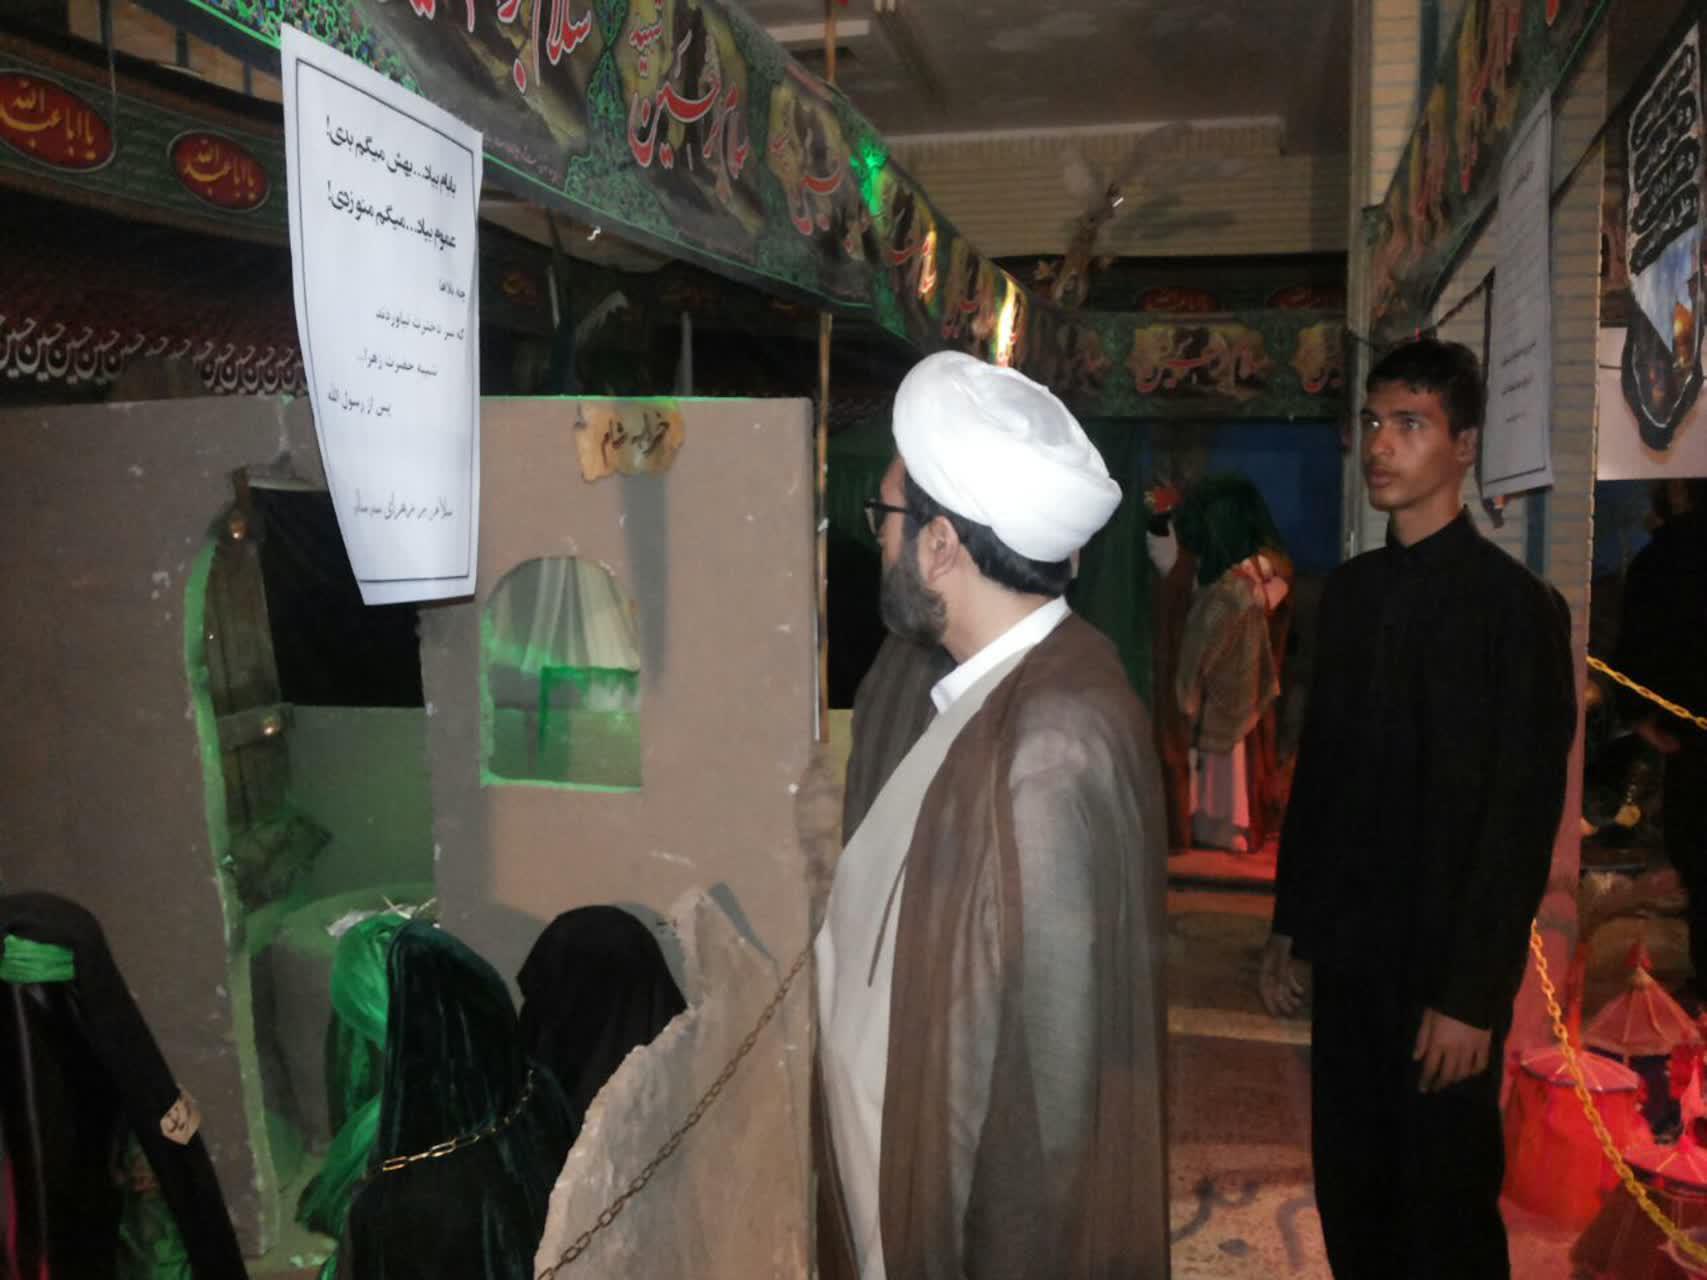 امیرمیثم سعیدی با ابزار هنر فرهنگ عاشورا و نهضت حسینی را به نسل جوان منتقل کنید عترتنا